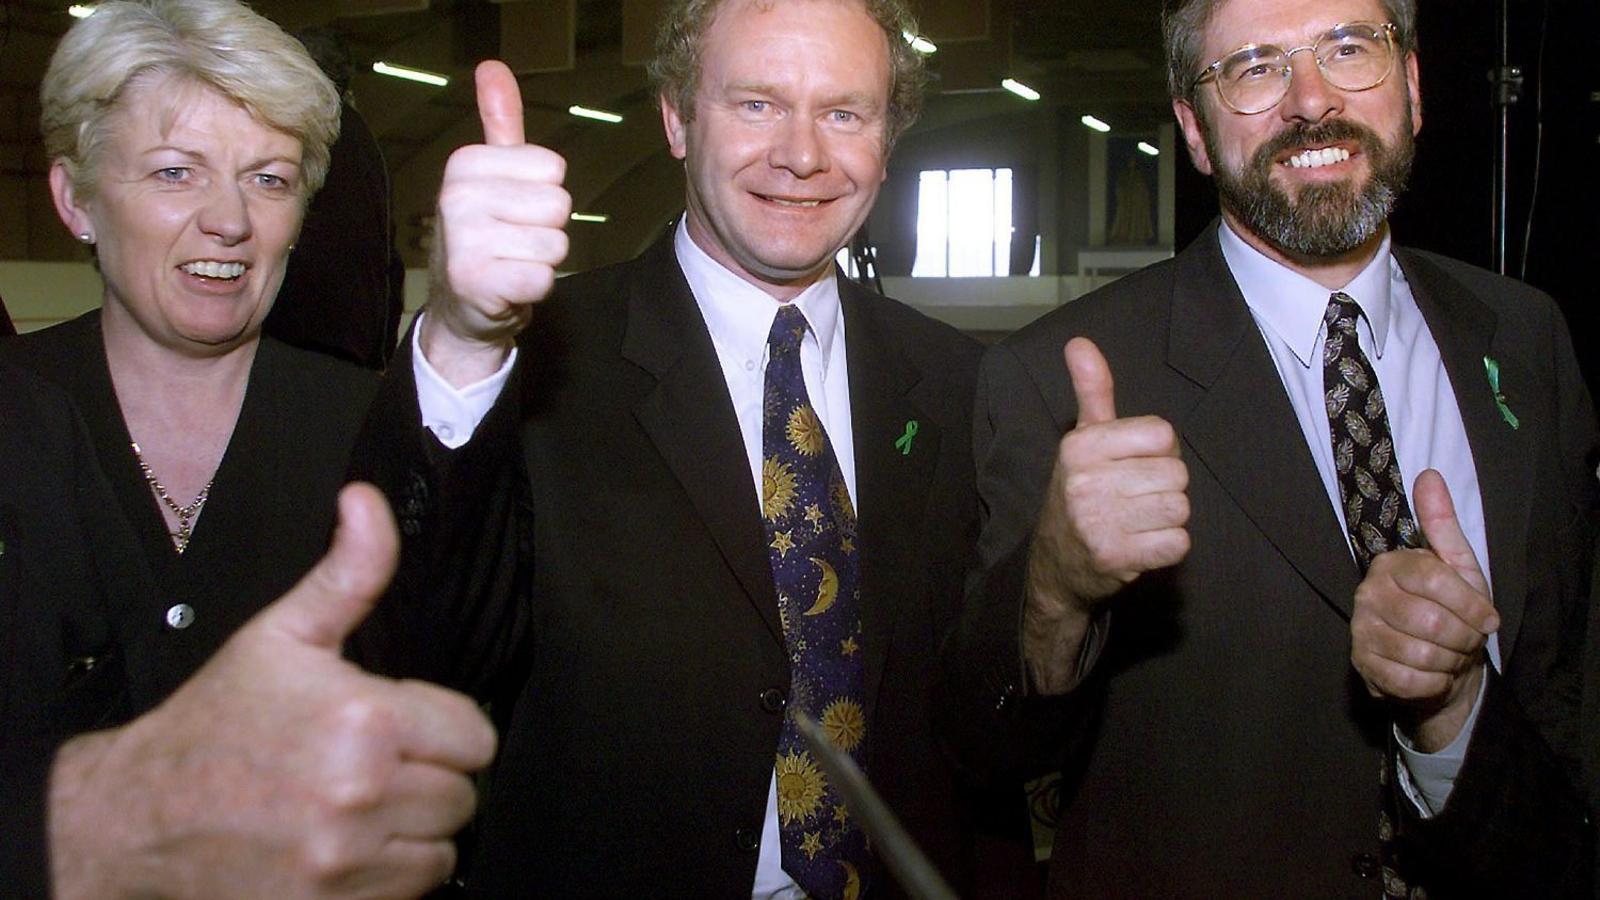 Martin McGuinness i Gerry Adams celebrant l'Acord de Divendres Sant, que va portar la pau a Irlanda del Nord, el 1998.